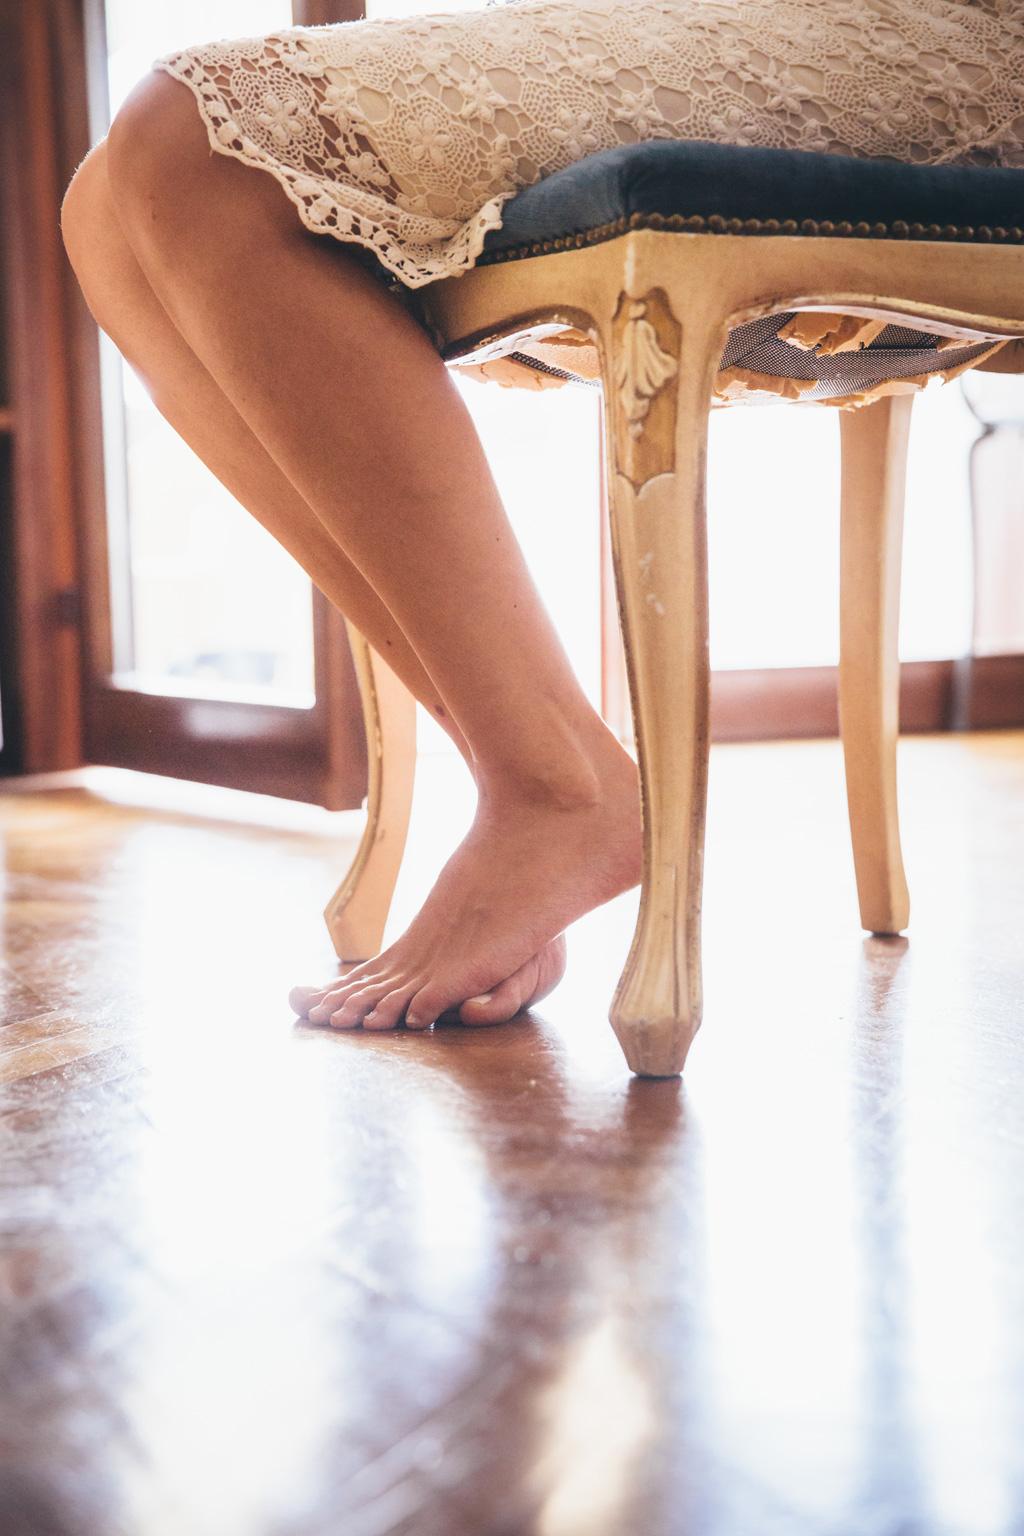 Un dettaglio tarantiniano dei piedi di Kathrin